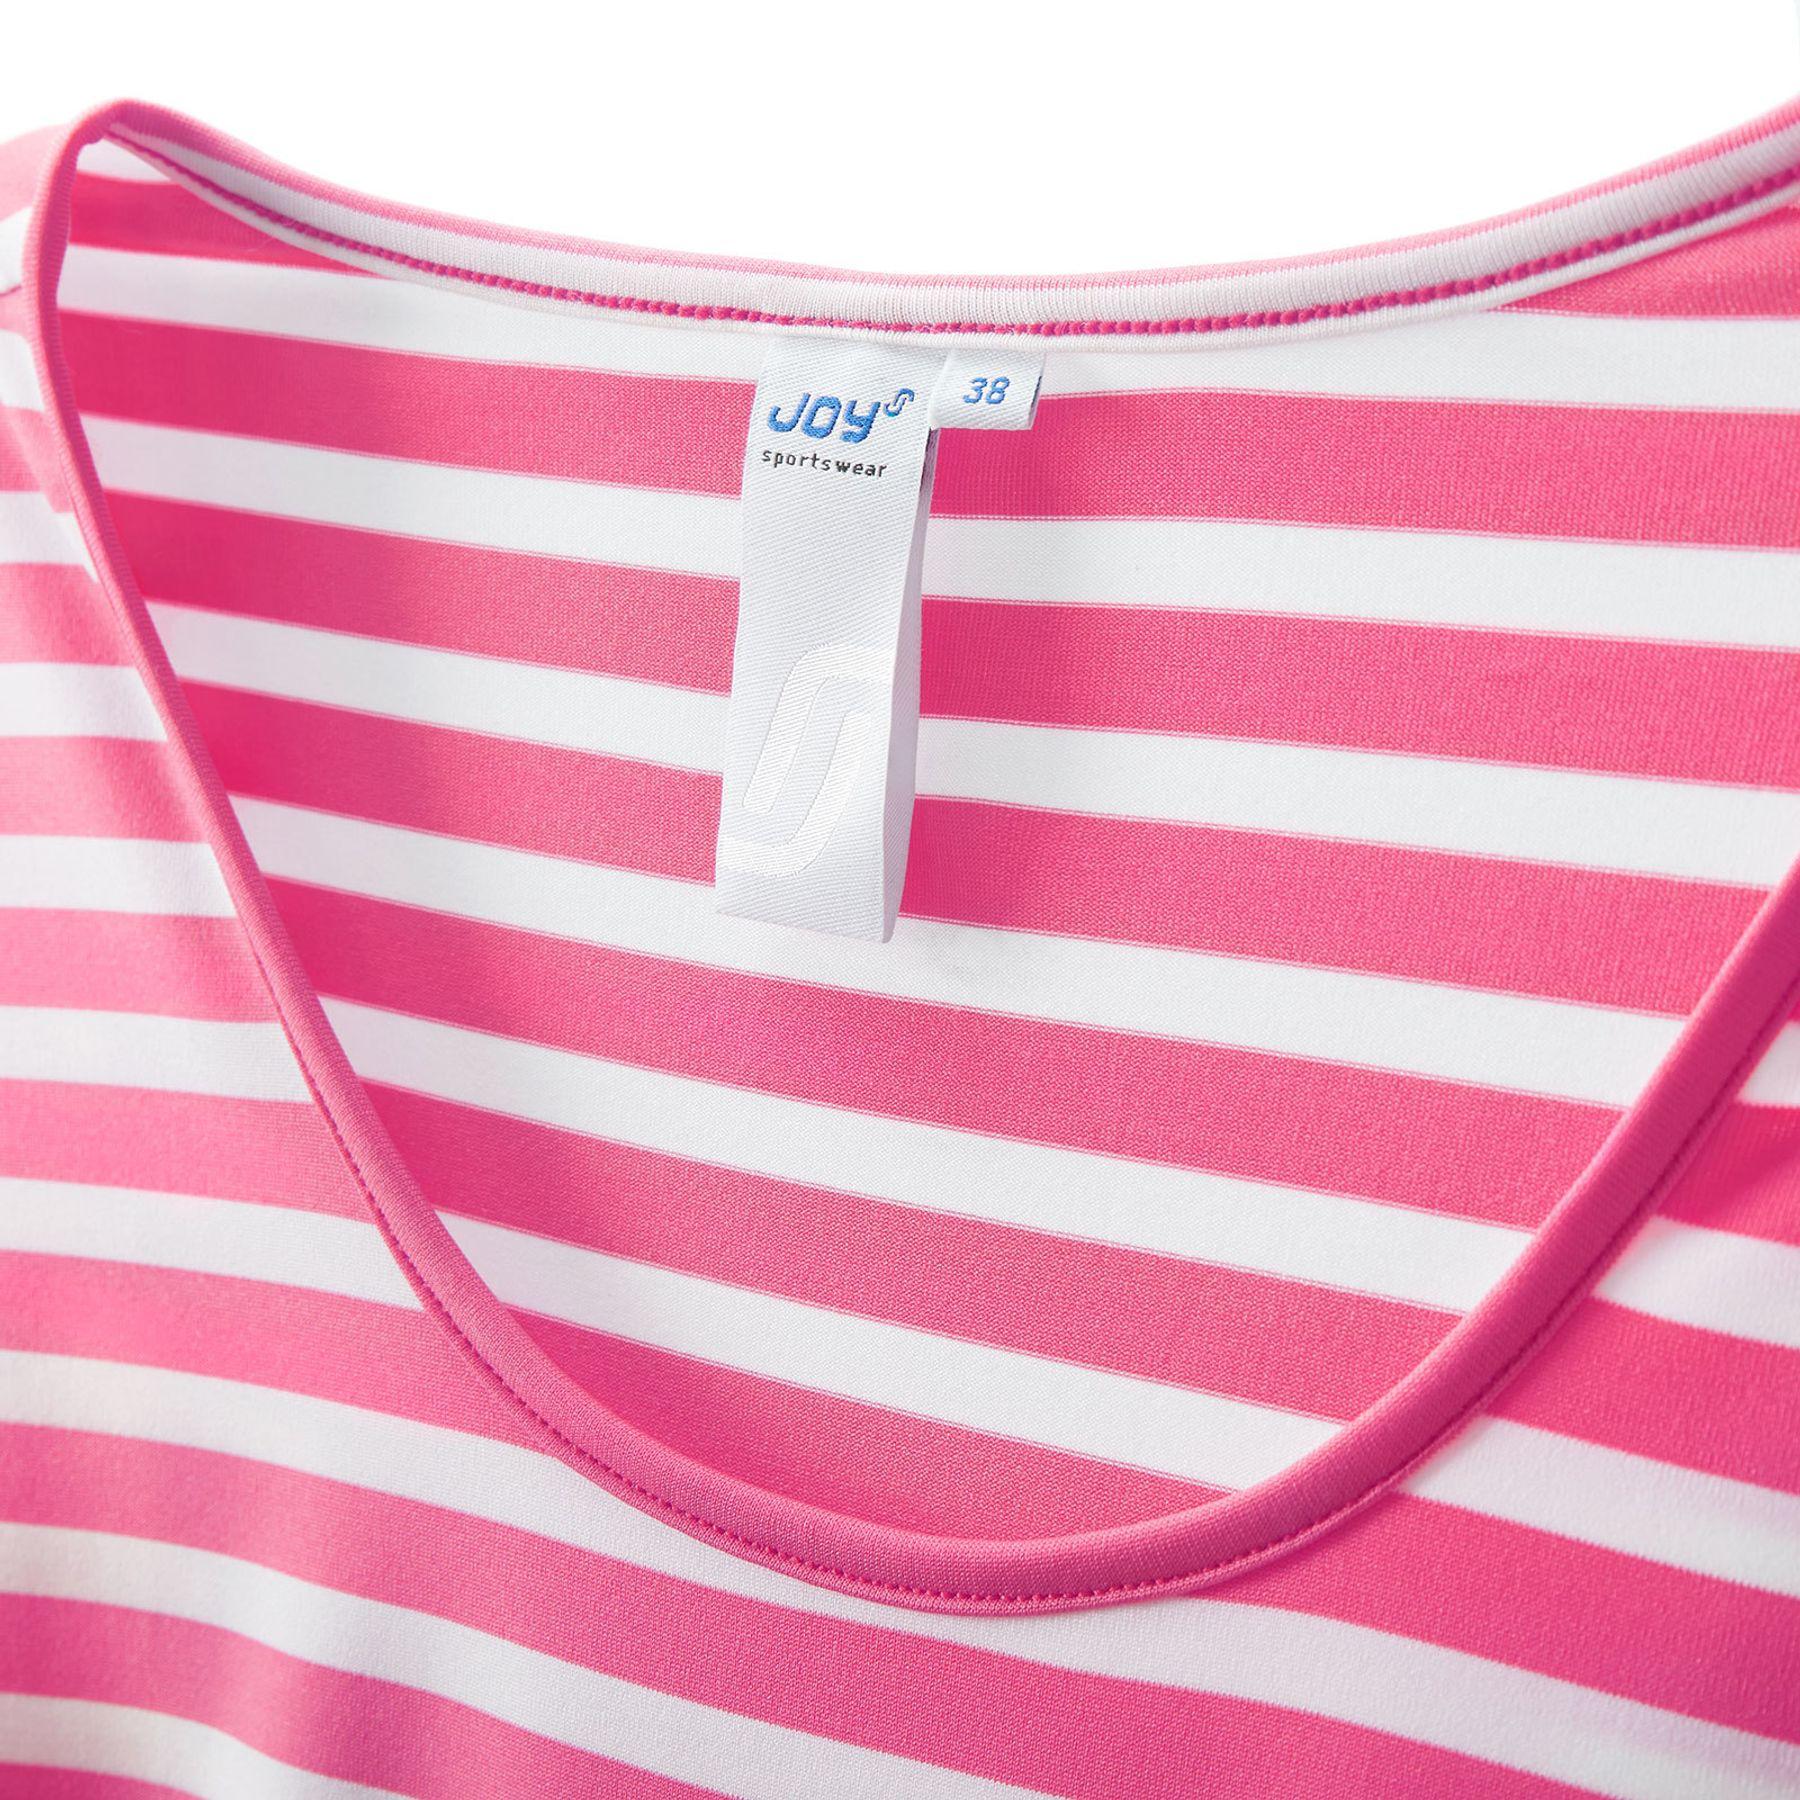 Joy - Damen Sport und Freizeit Shirt in verschiedenen Farbvarianten, Allegra (30195 A) – Bild 4